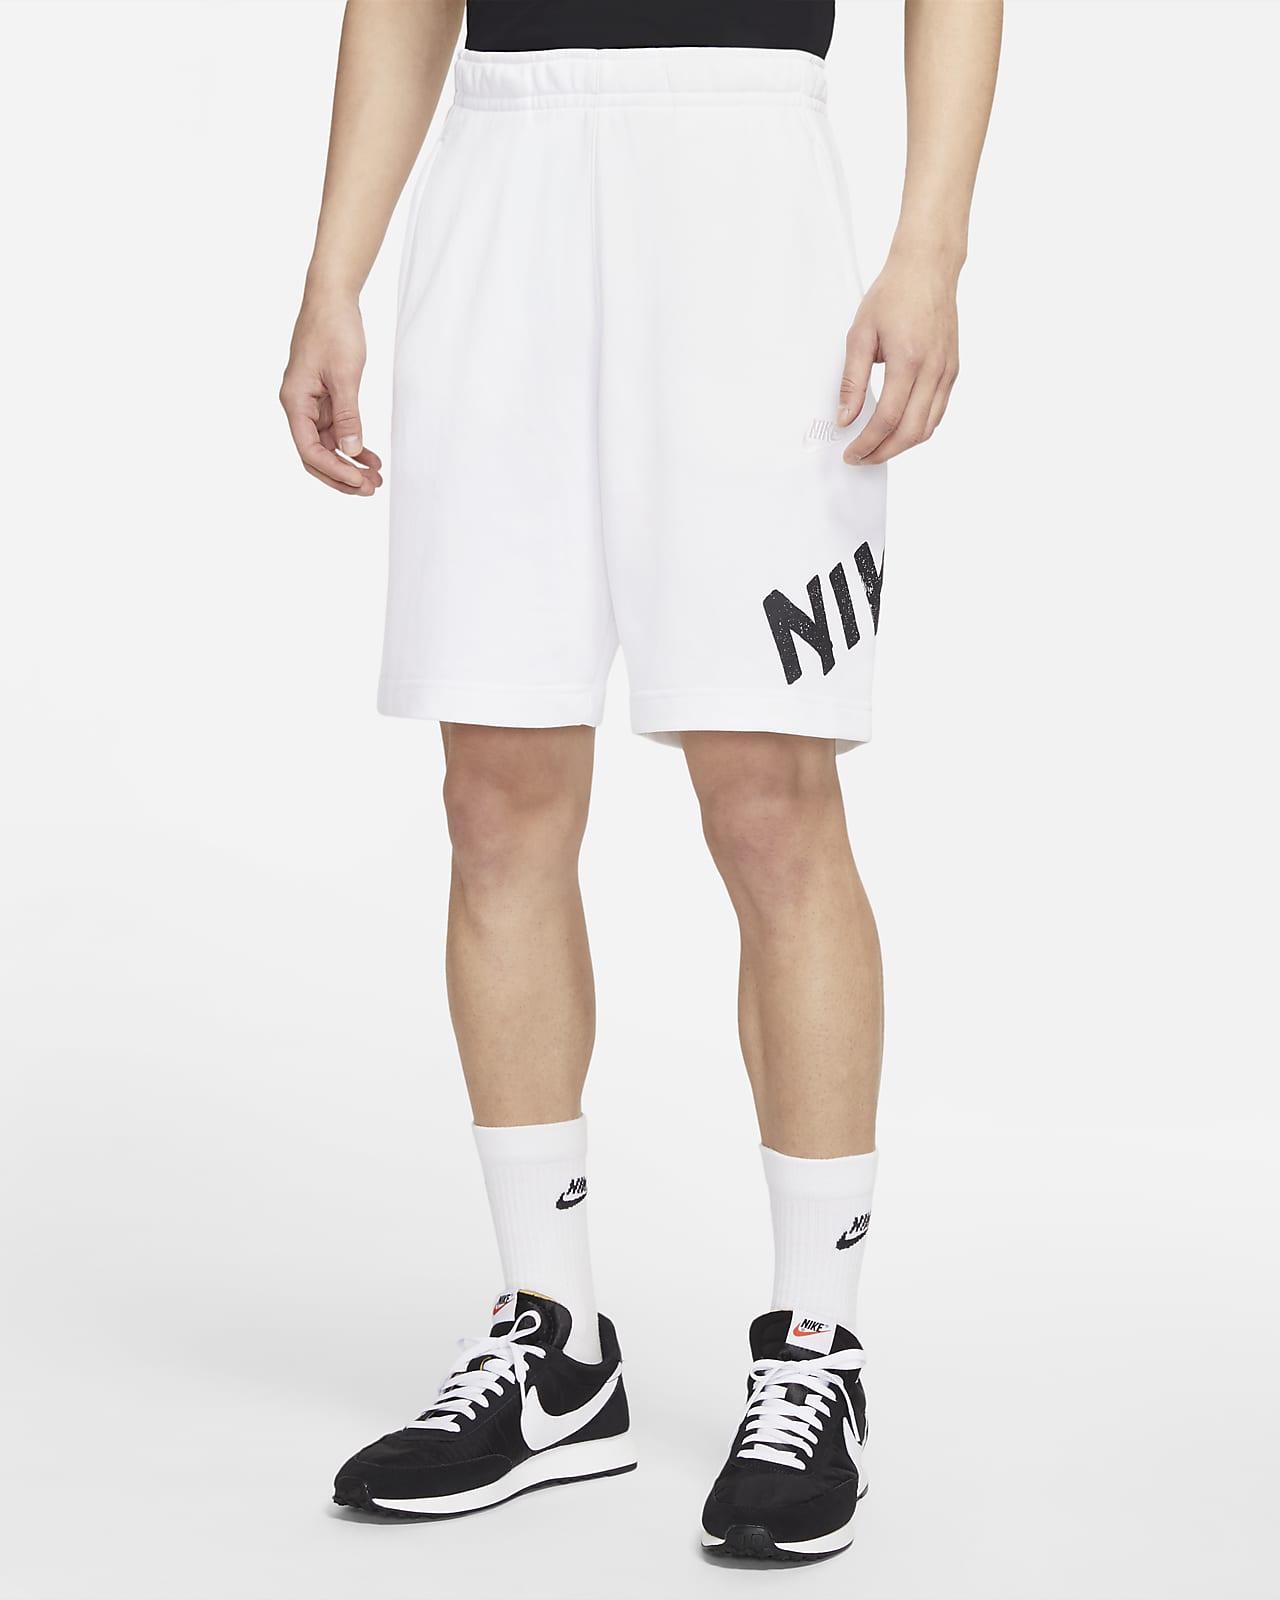 Nike Sportswear Club French Terry 男子短裤